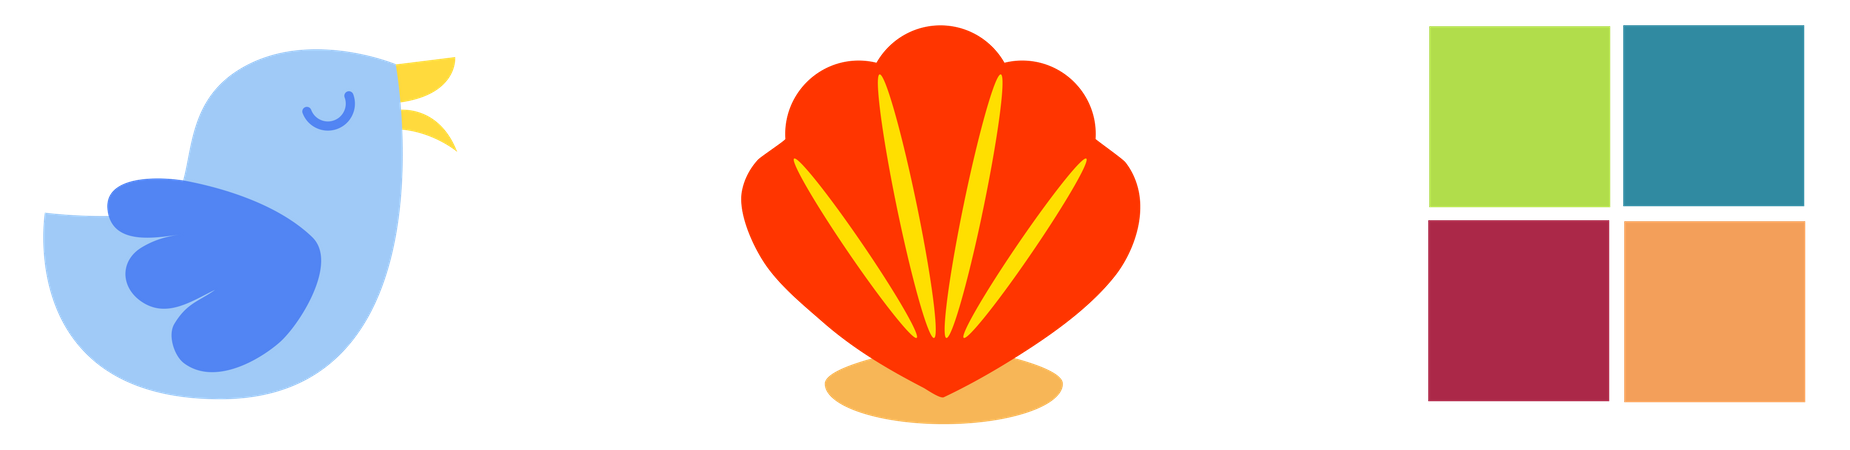 Iconic Logo Examples